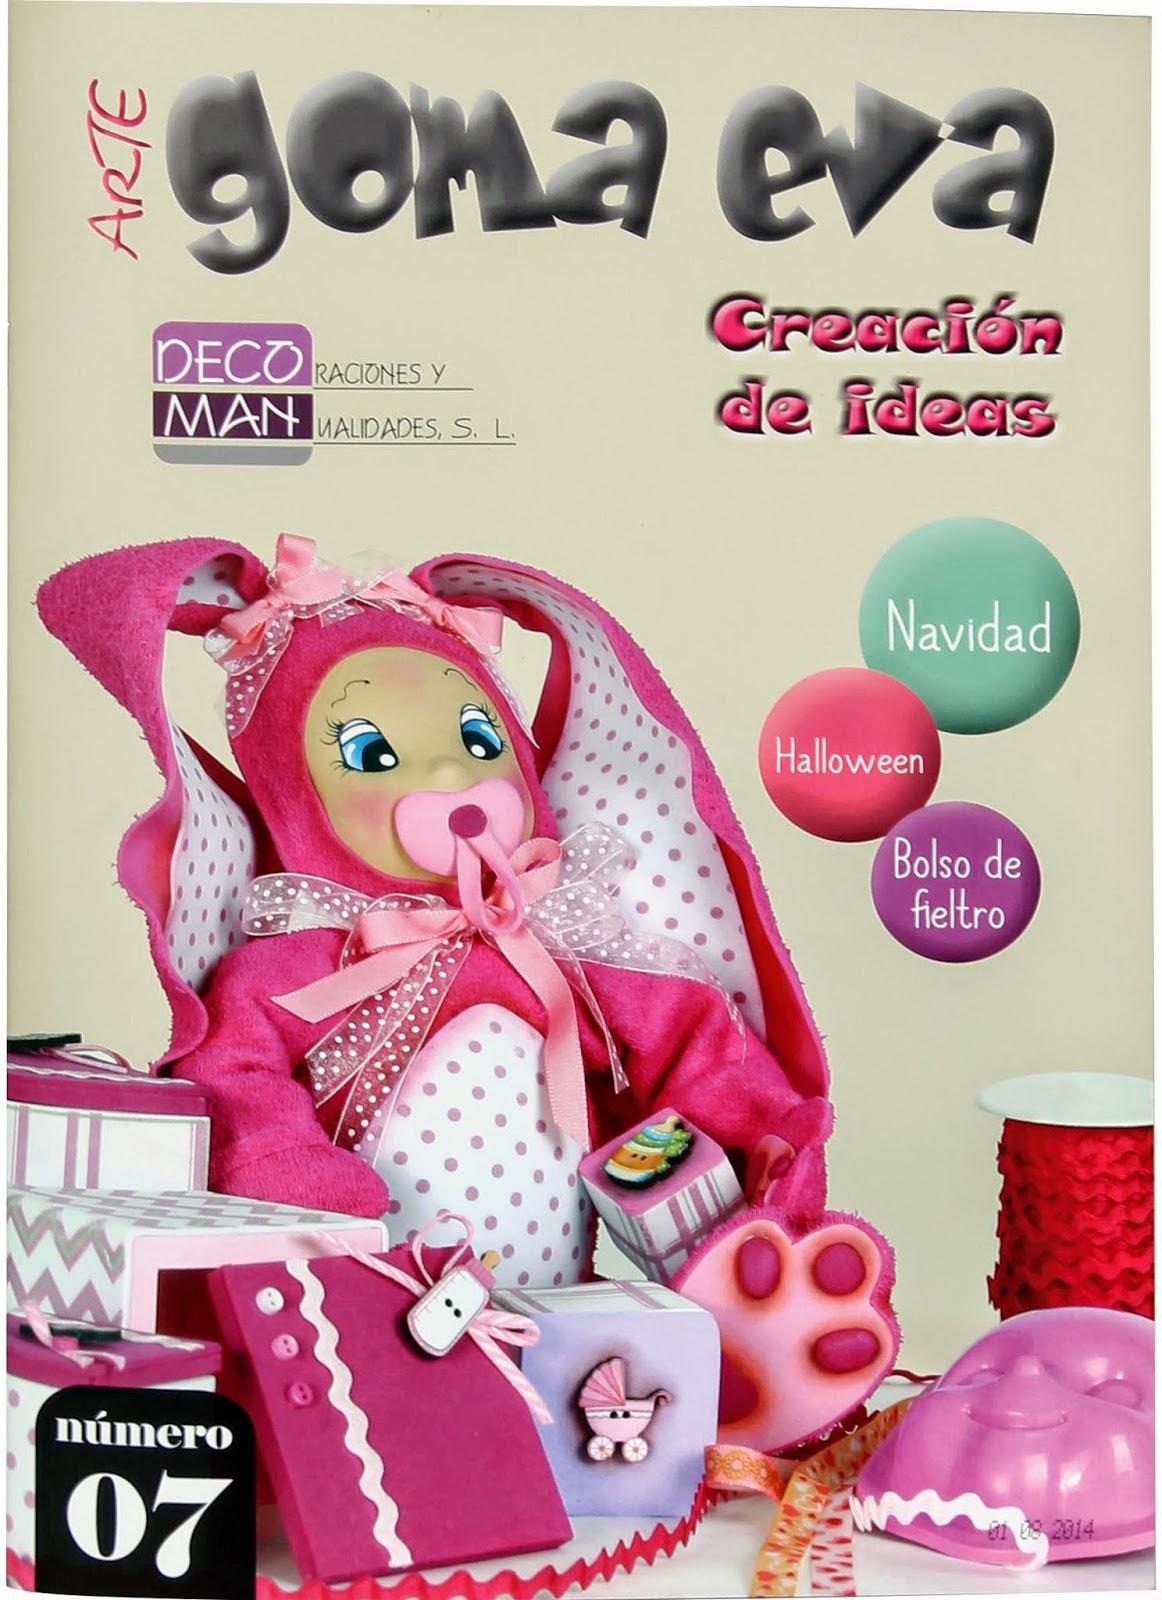 http://www.decomansl.es/catalogo/es/2401-goma-eva